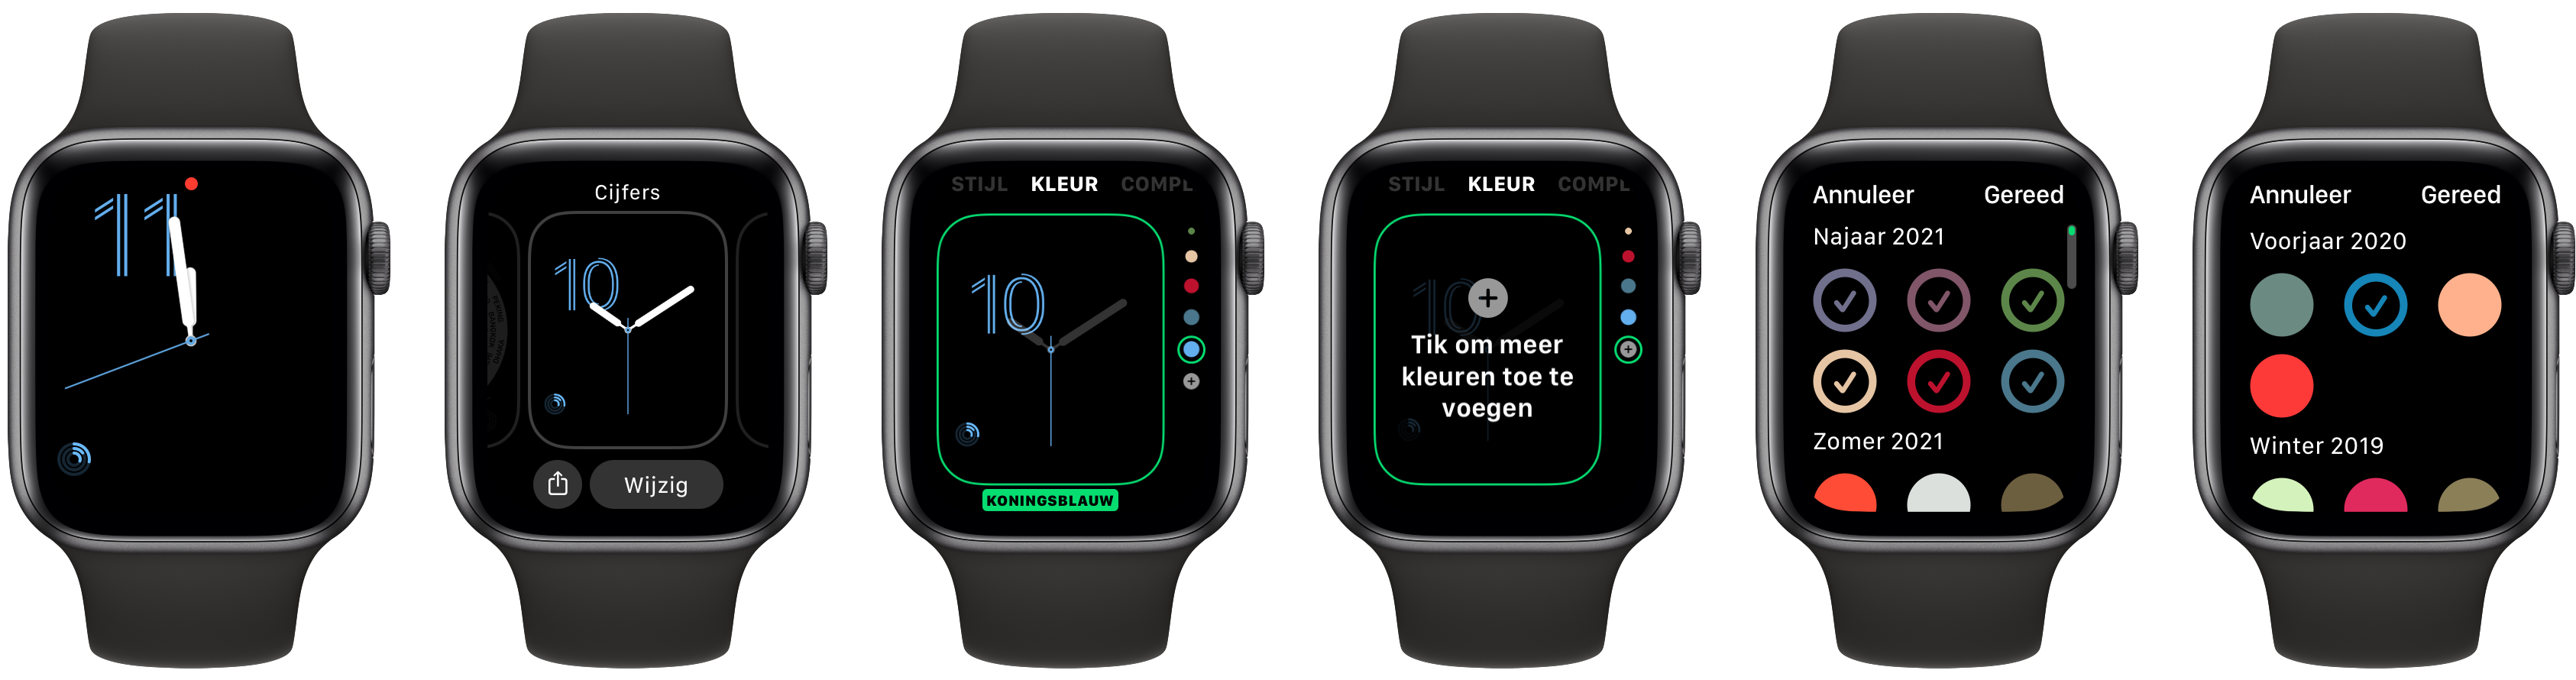 Apple Watch seizoenskleuren